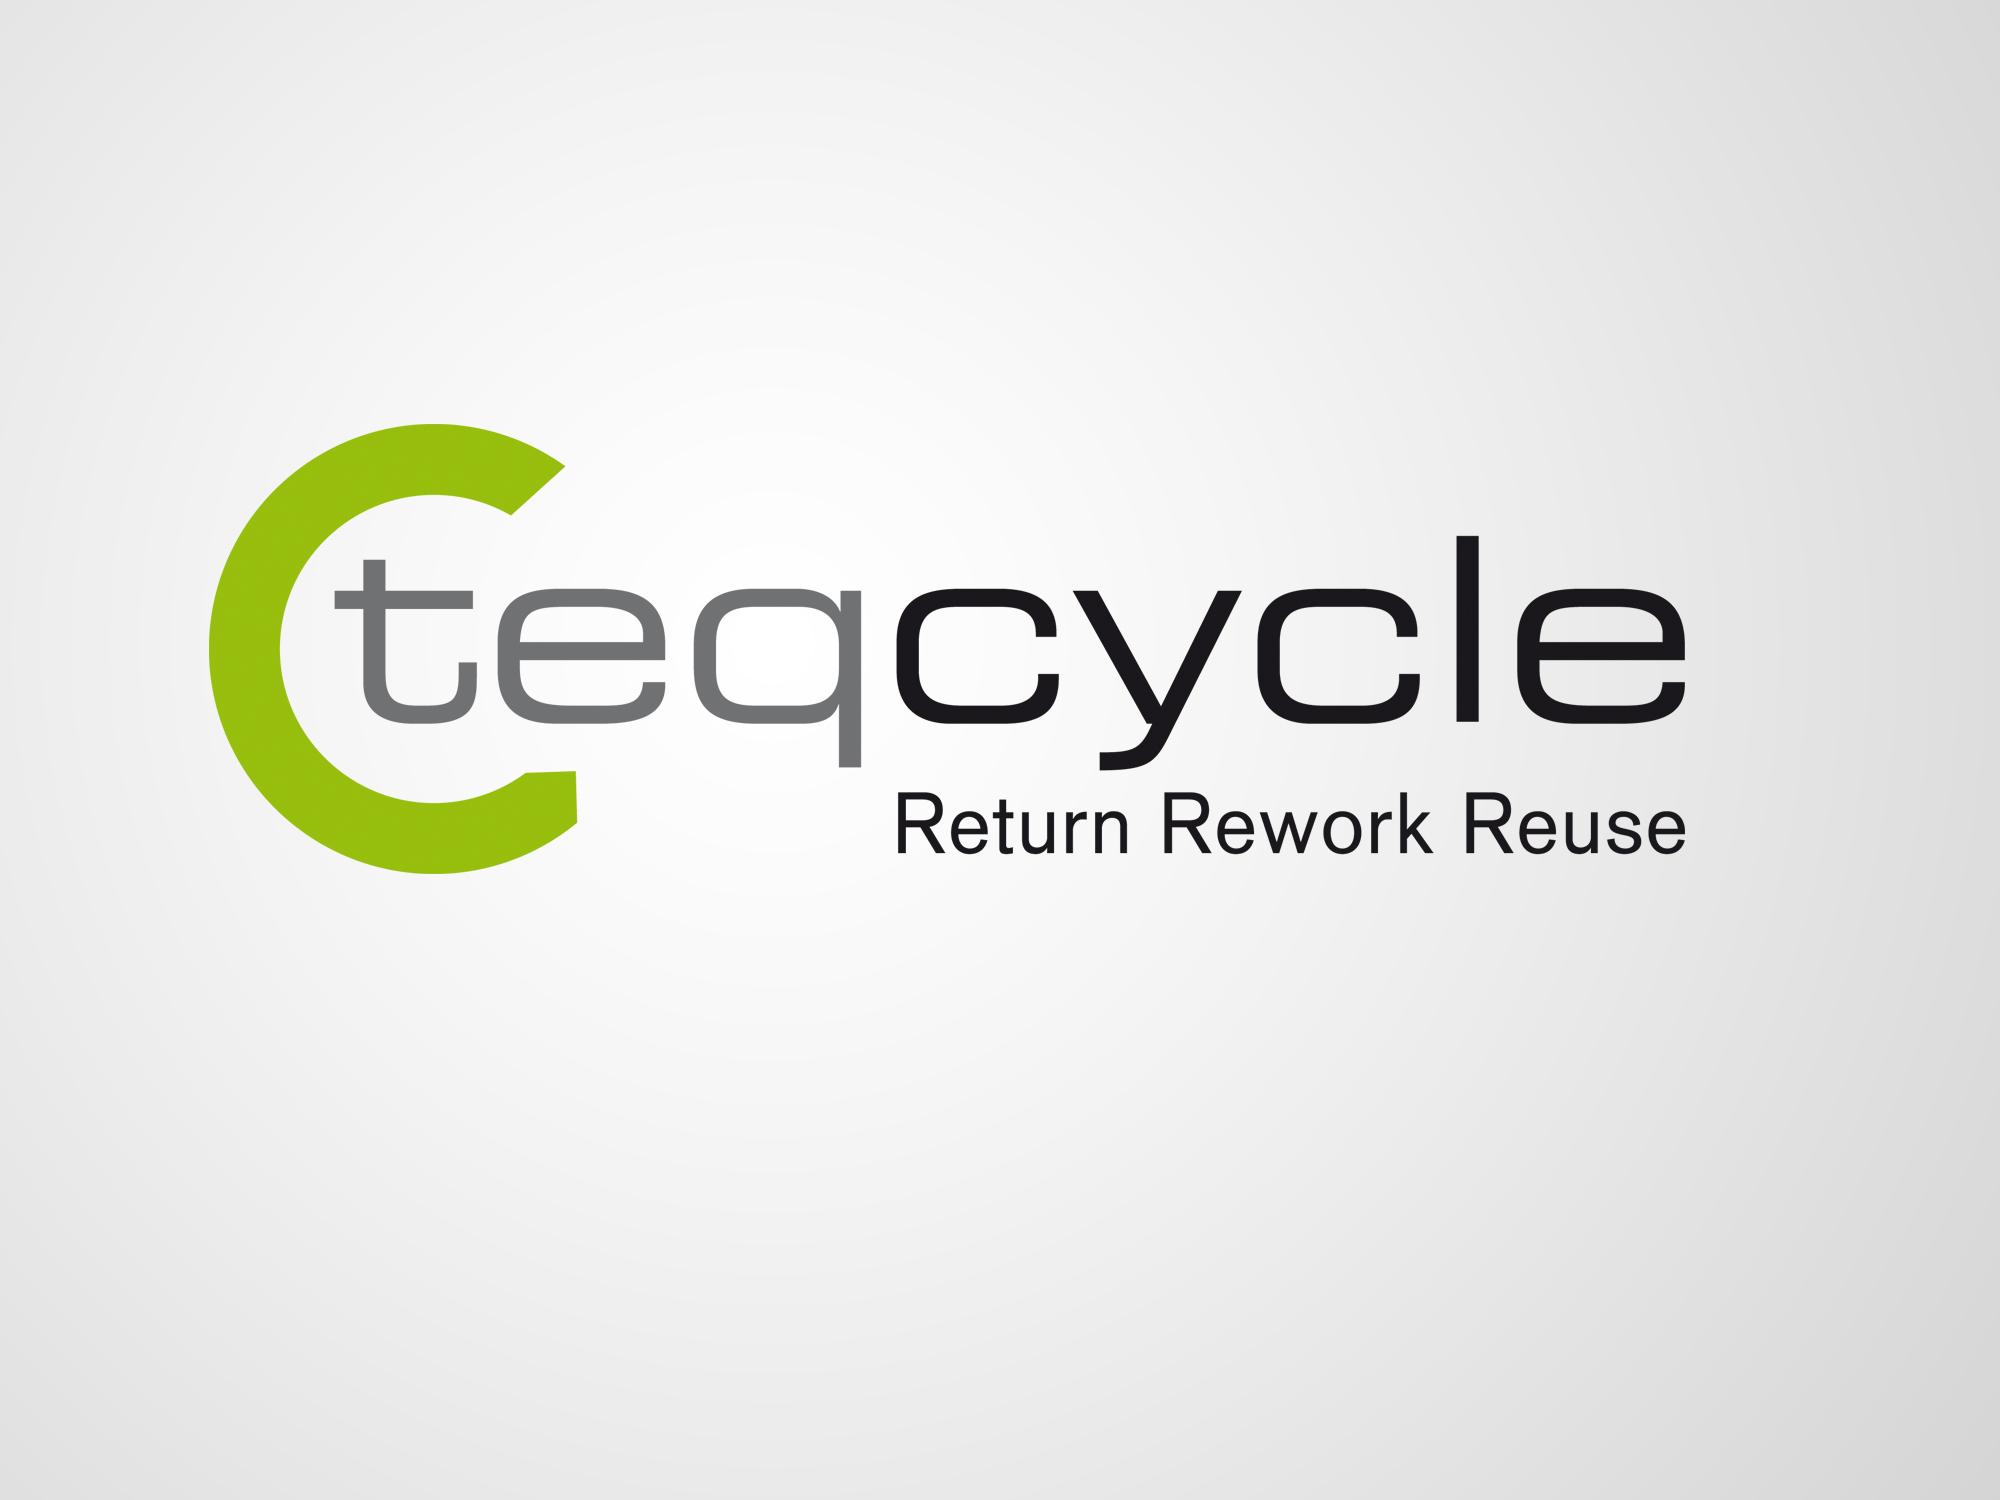 Logogestaltung-teqcycle